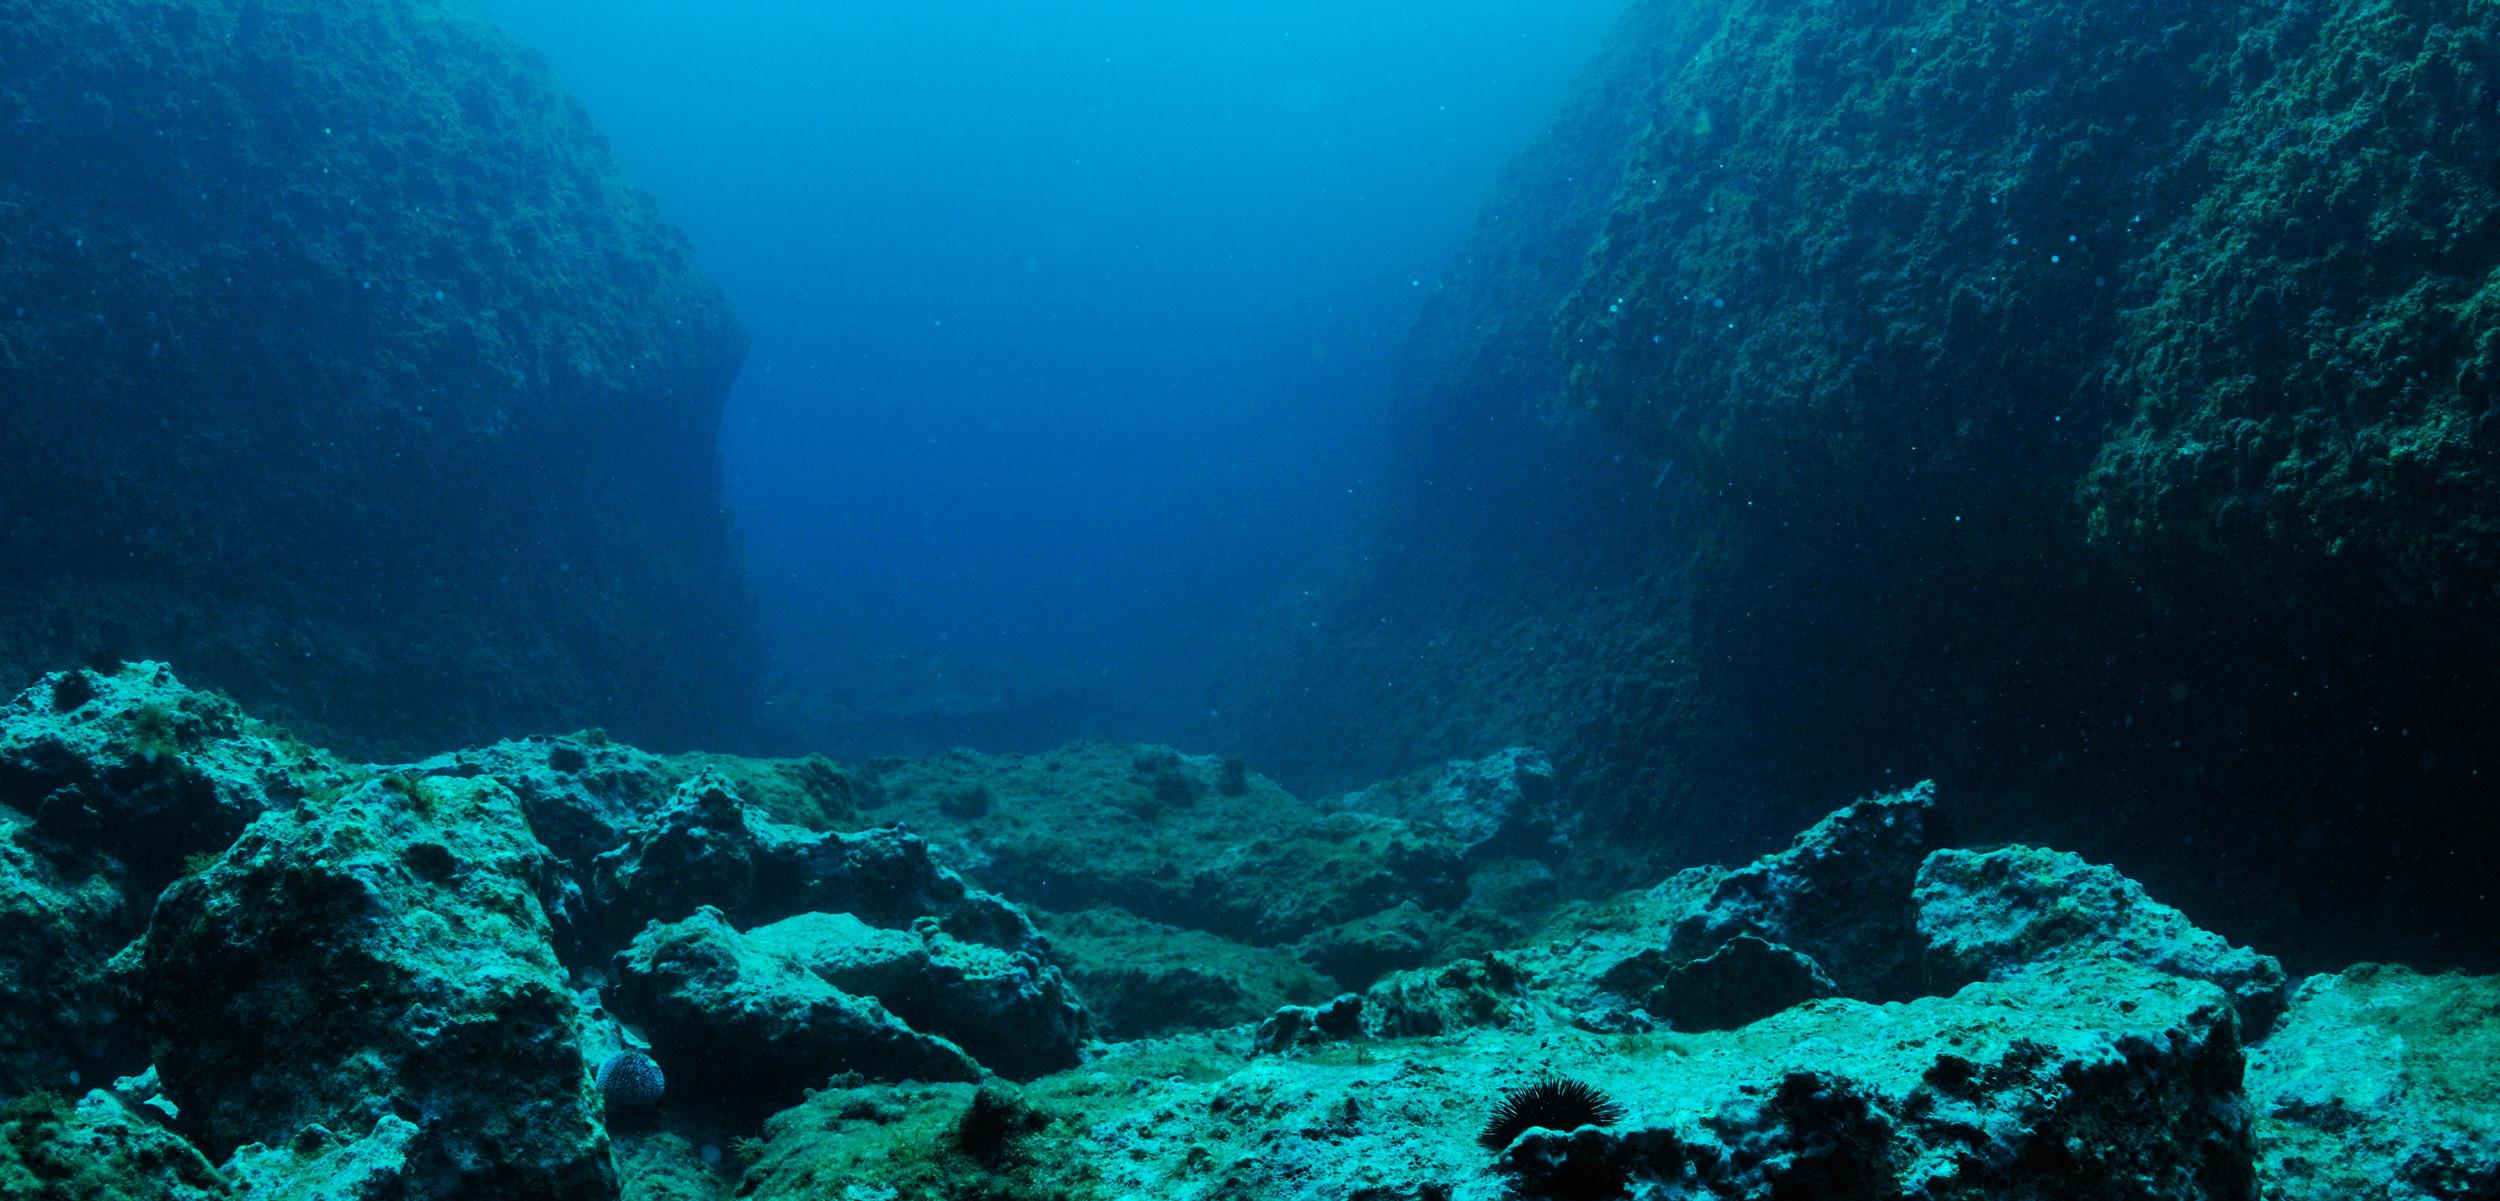 Rocks on ocean floor